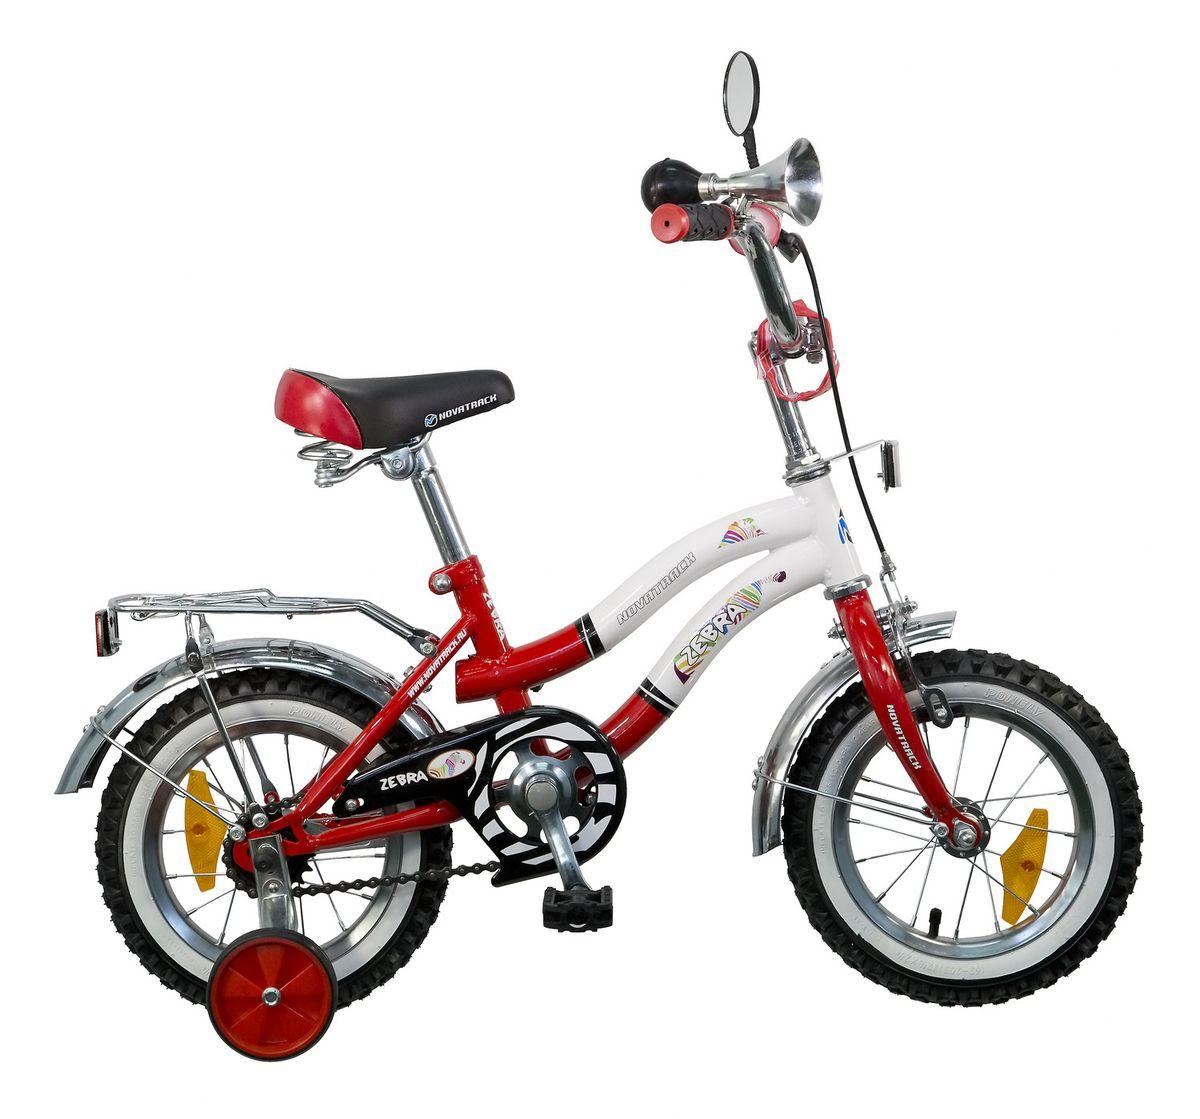 Велосипед детский Novatrack Zebra, цвет: красный, белый, 12 велосипед novatrack 16 зебра бордово белый 165 zebra clr6